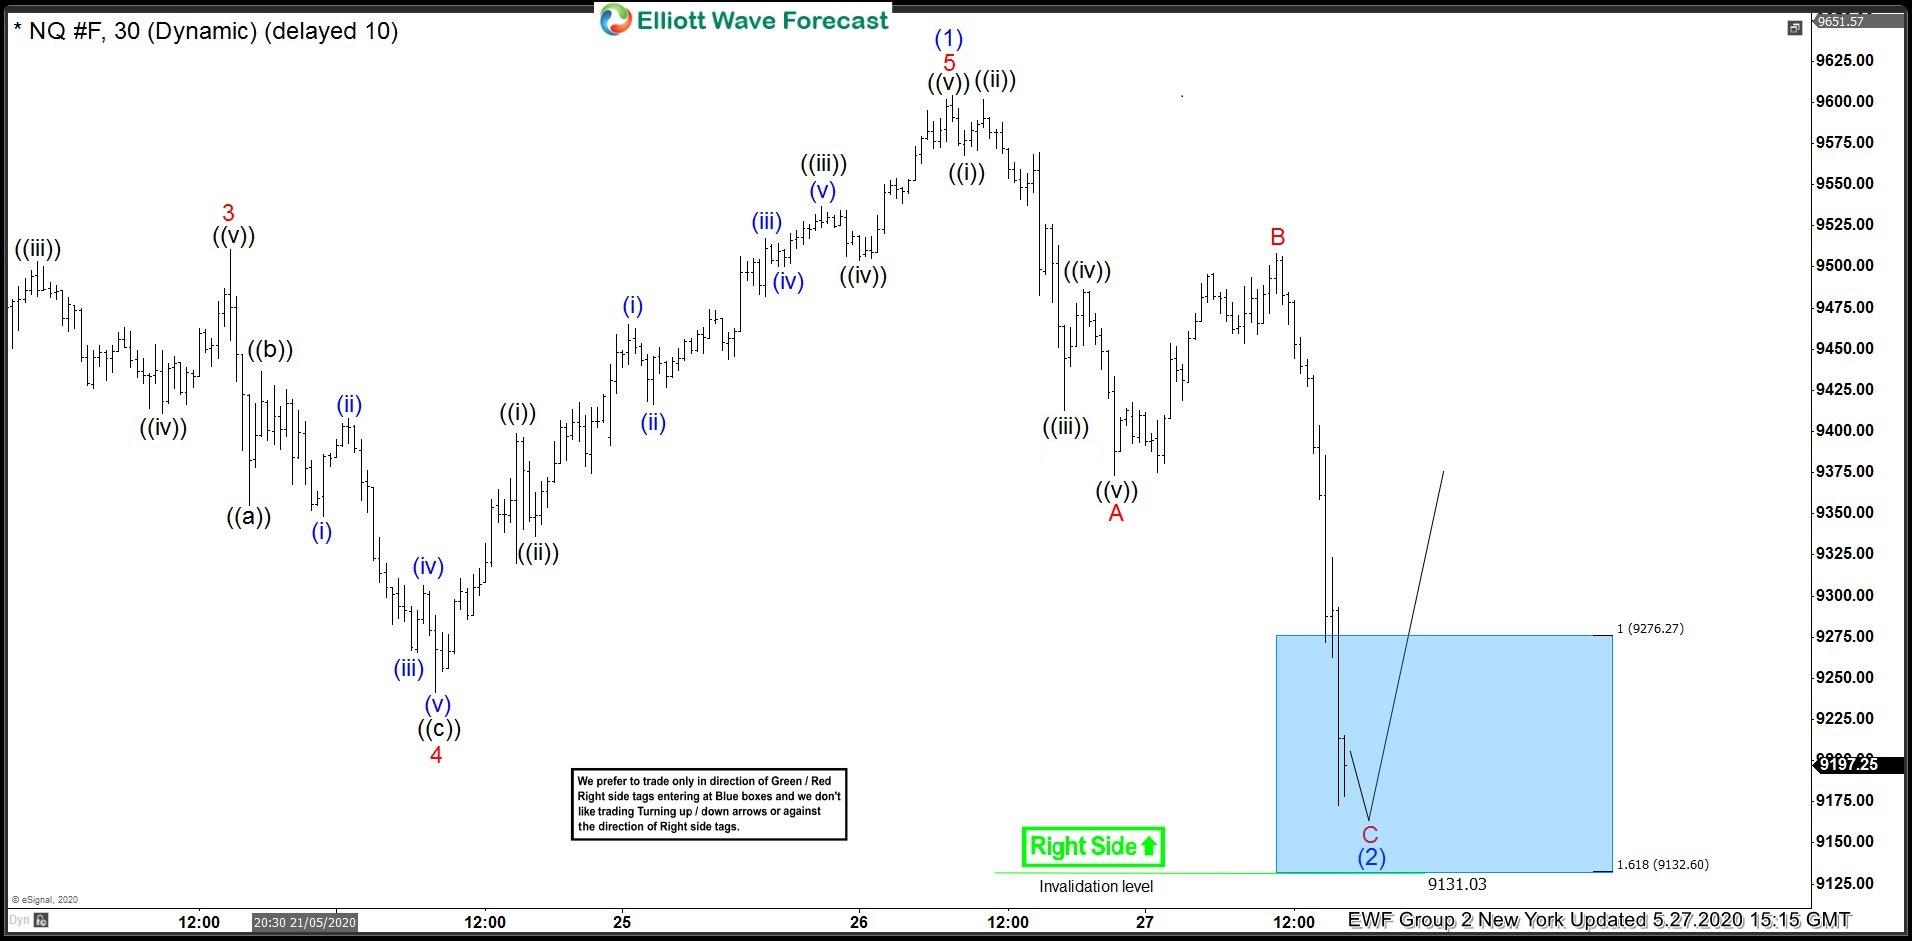 Nasdaq Futures 27 May 1 Hour Elliott Wave Update